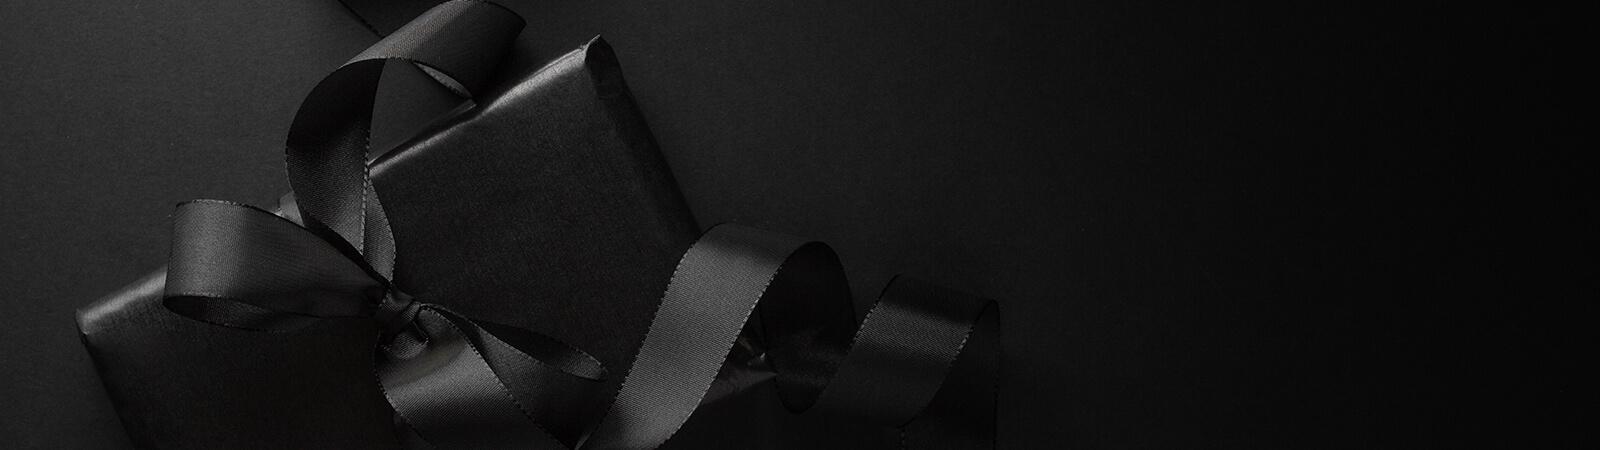 Branding Black